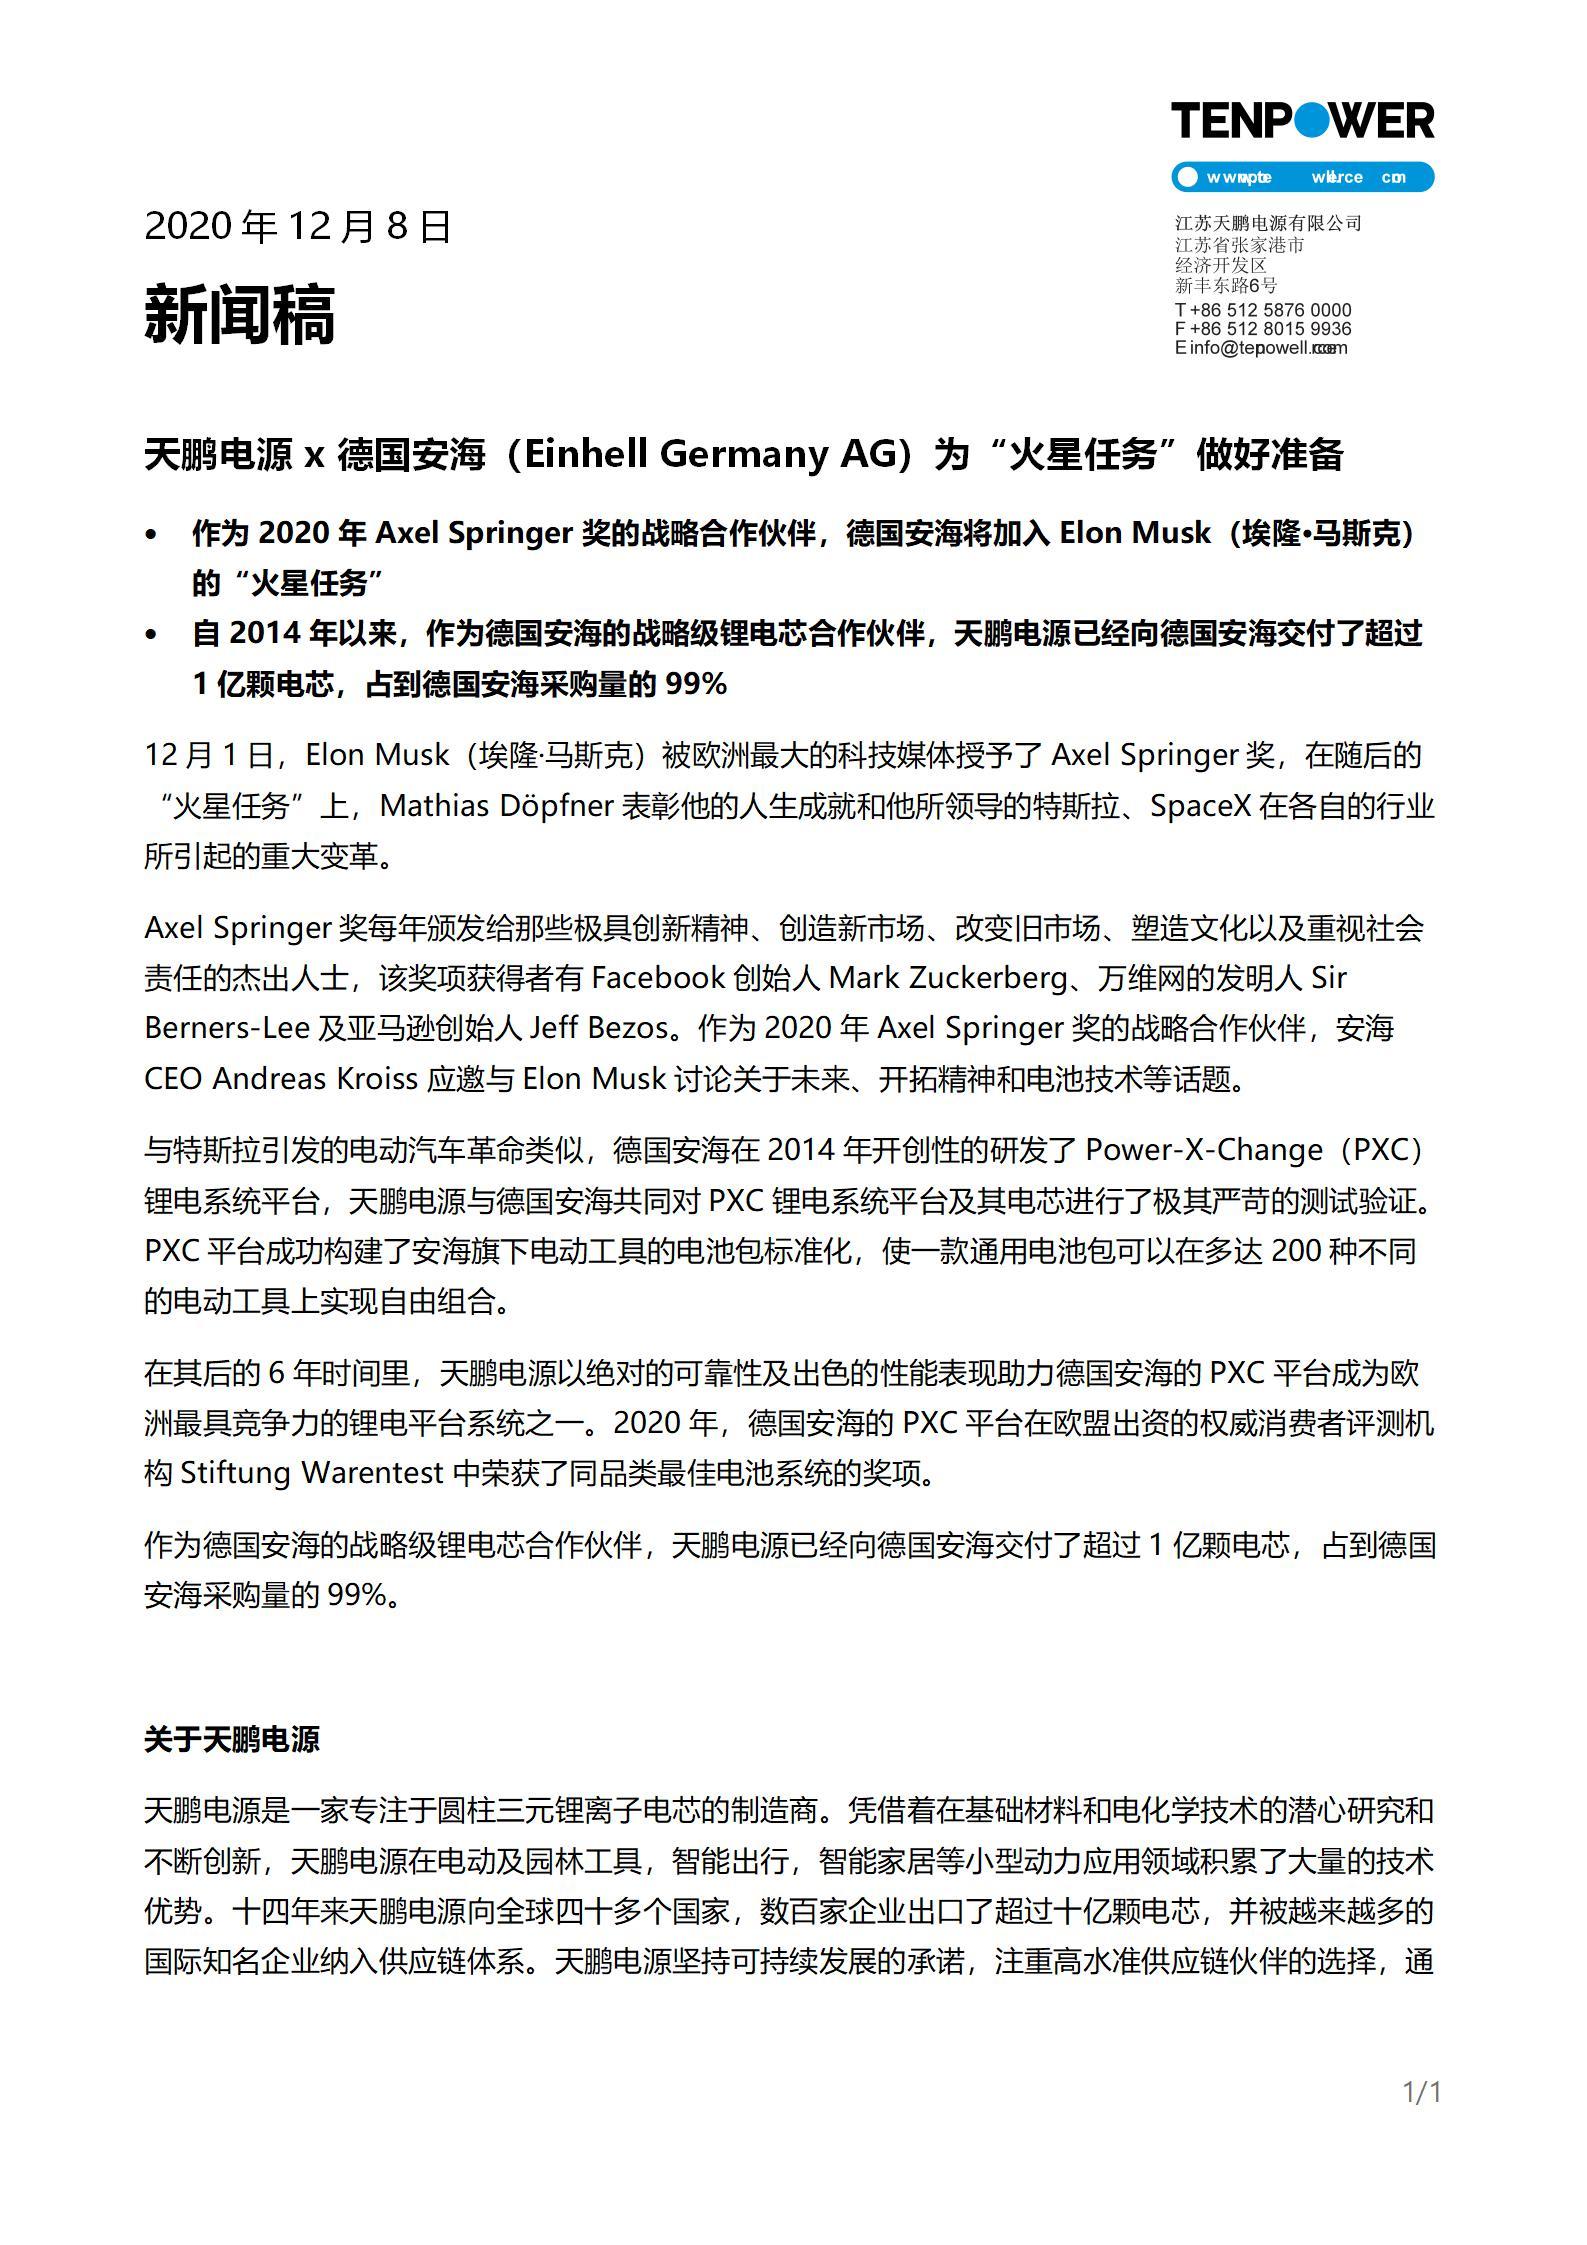 """天鹏电源 x 德国安海(Einhell Germany AG)为""""火星任务""""做好准备 - 文档下载"""